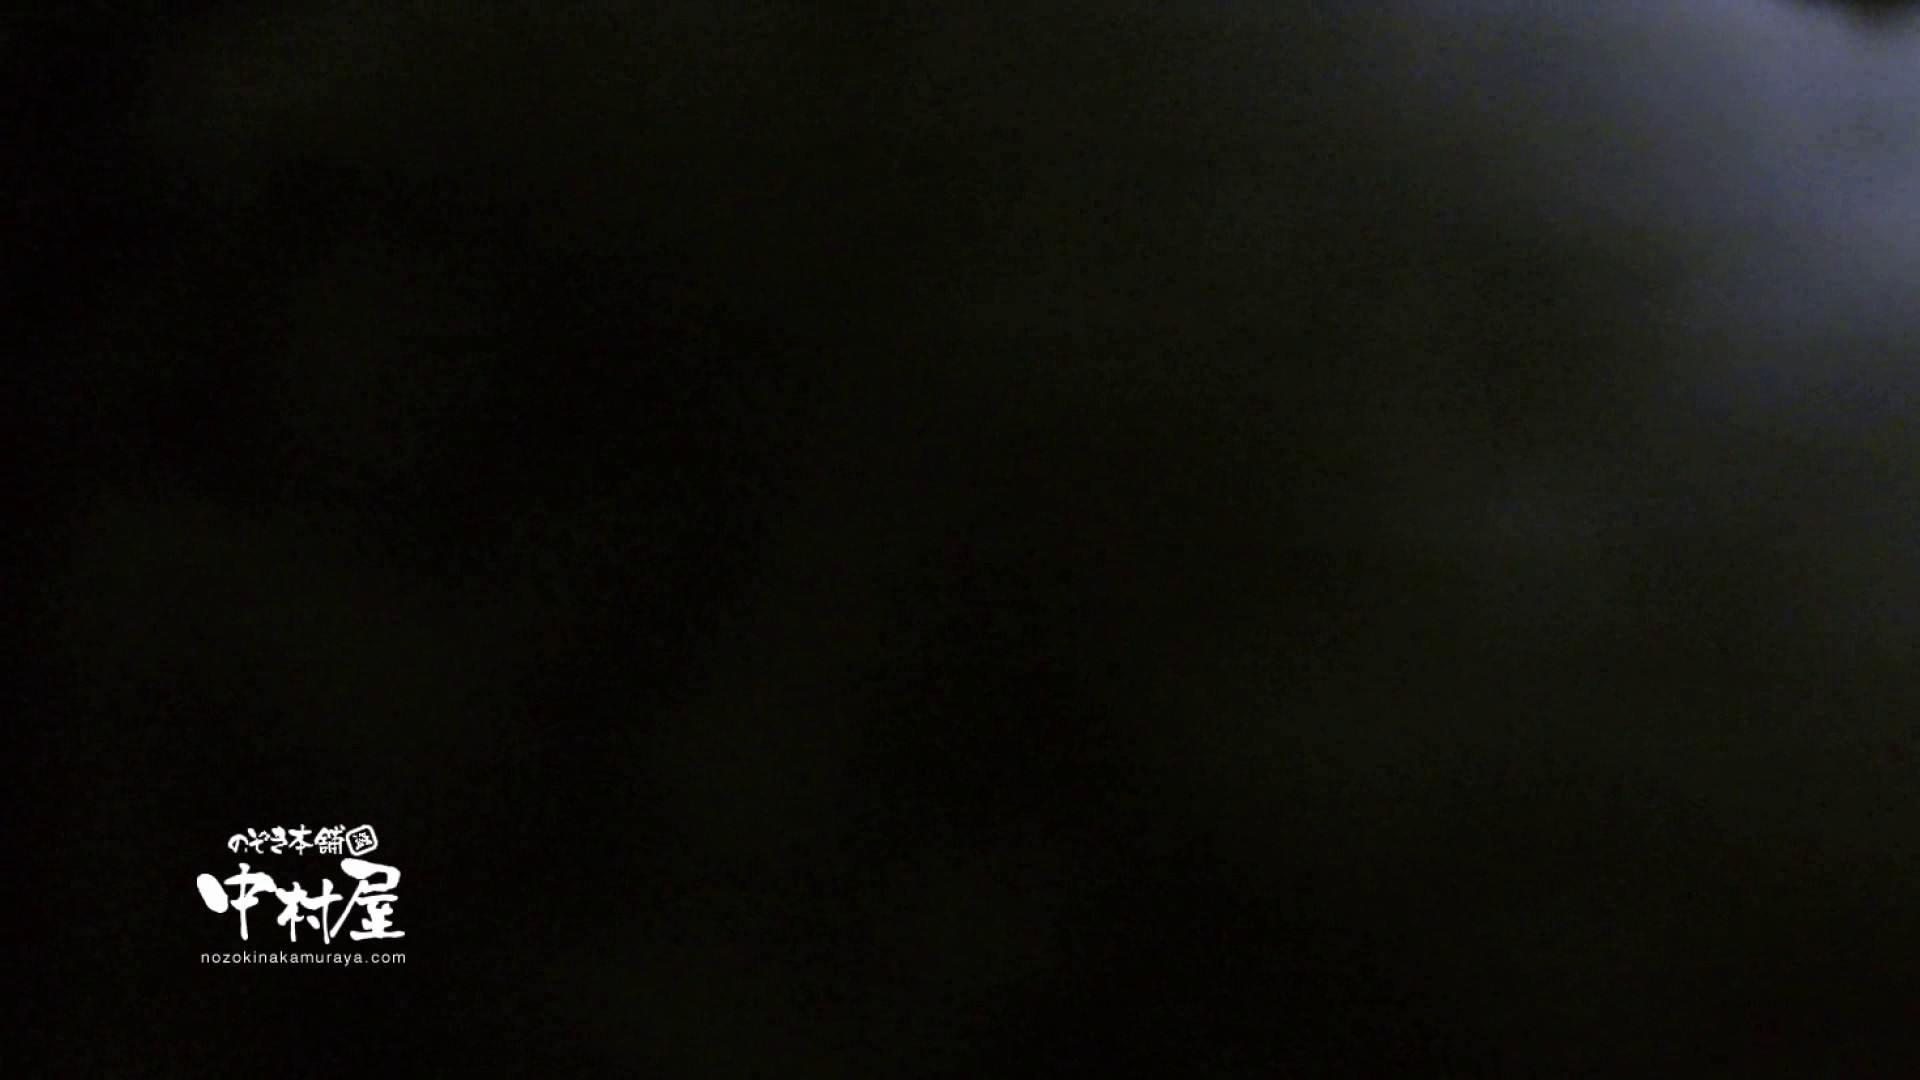 鬼畜 vol.09 無慈悲!中出し爆乳! 後編 鬼畜 濡れ場動画紹介 105PIX 55